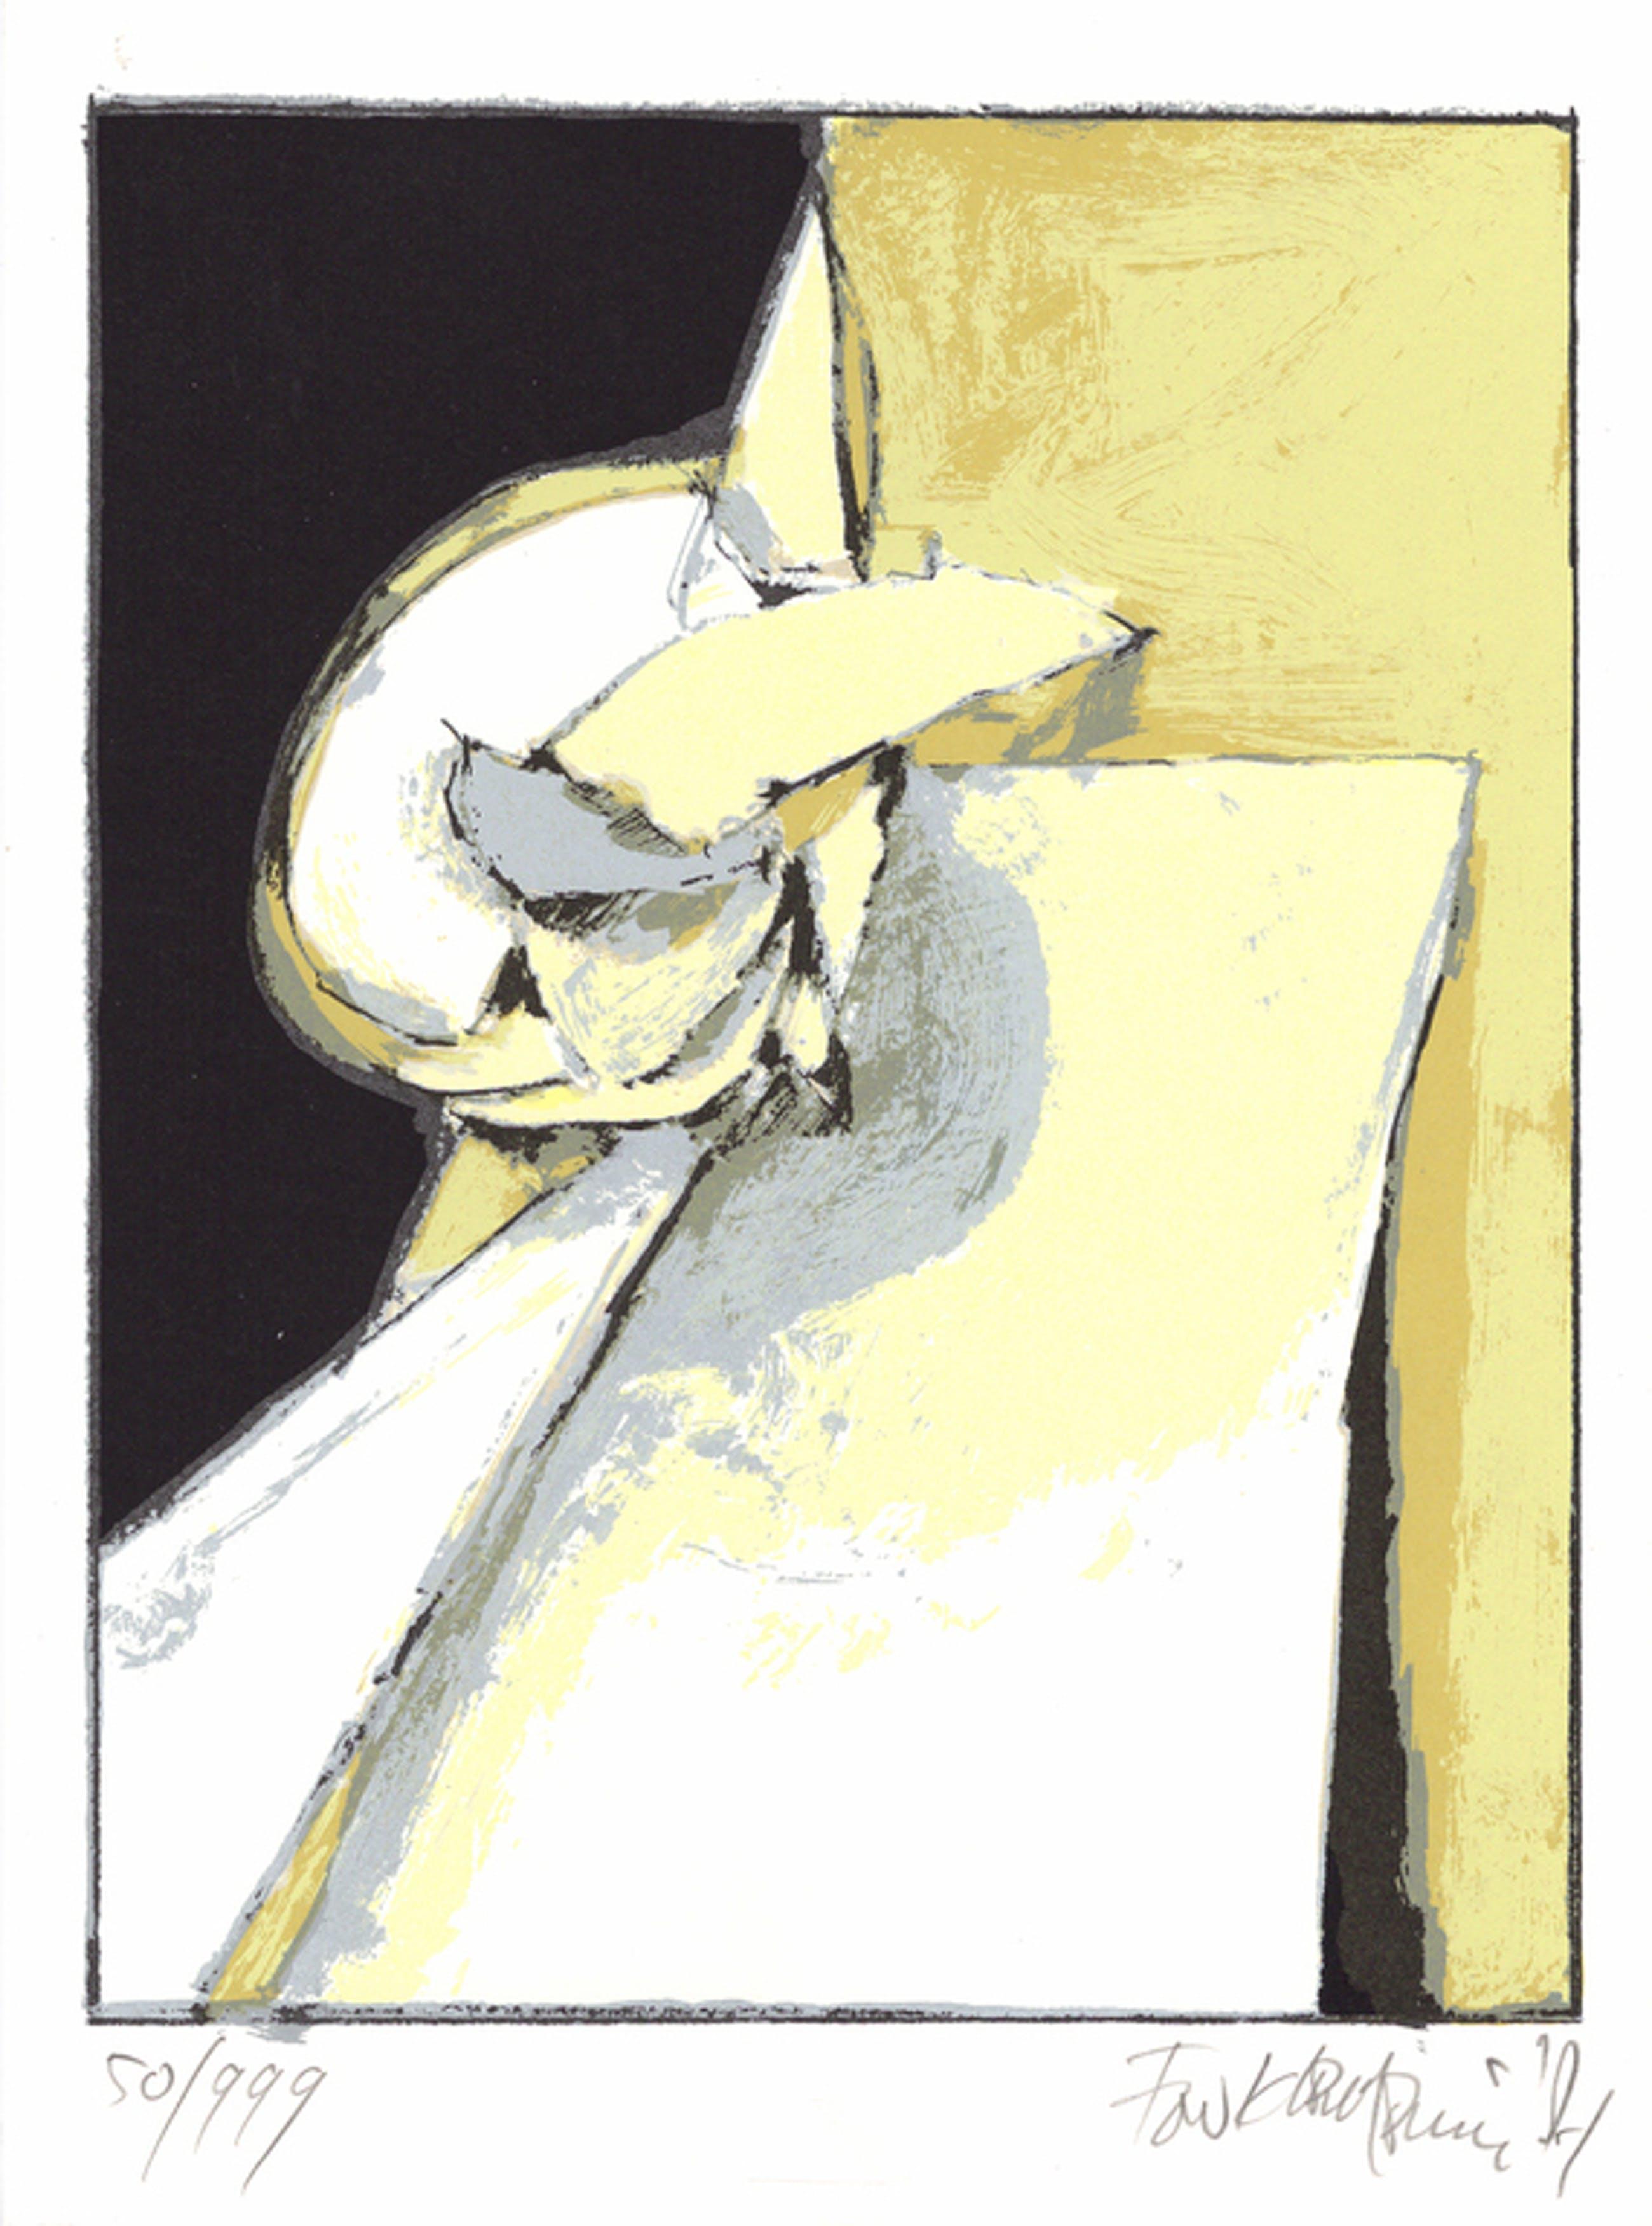 Fon Klement - Zonder titel - Gesigneerde zeefdruk - 1987 kopen? Bied vanaf 25!